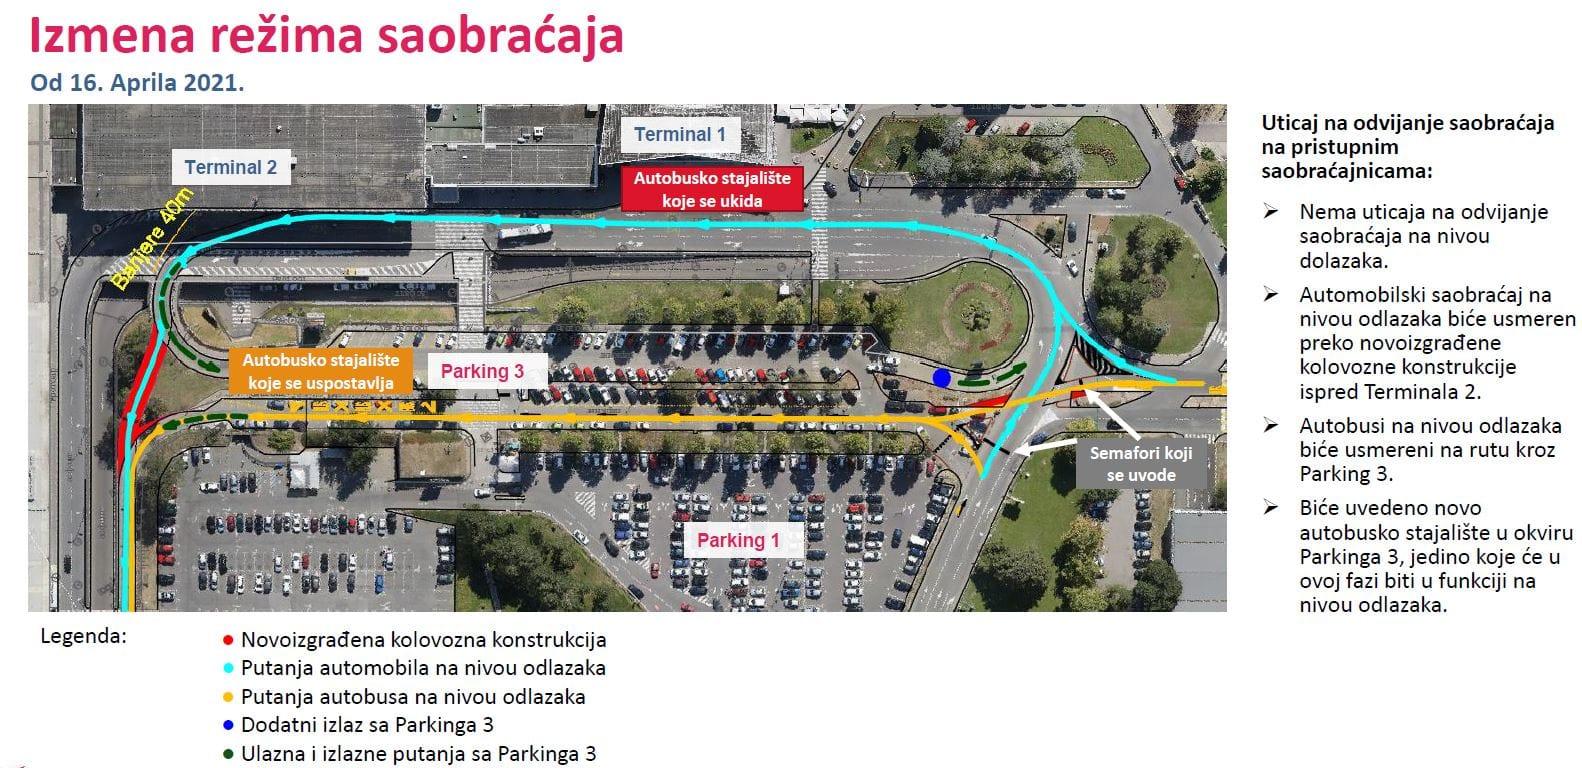 Mapa - Izmeštanje stanice kod Terminala 1 zbog radova na Aerodromu Nikola Tesla (od 20.04.2021)